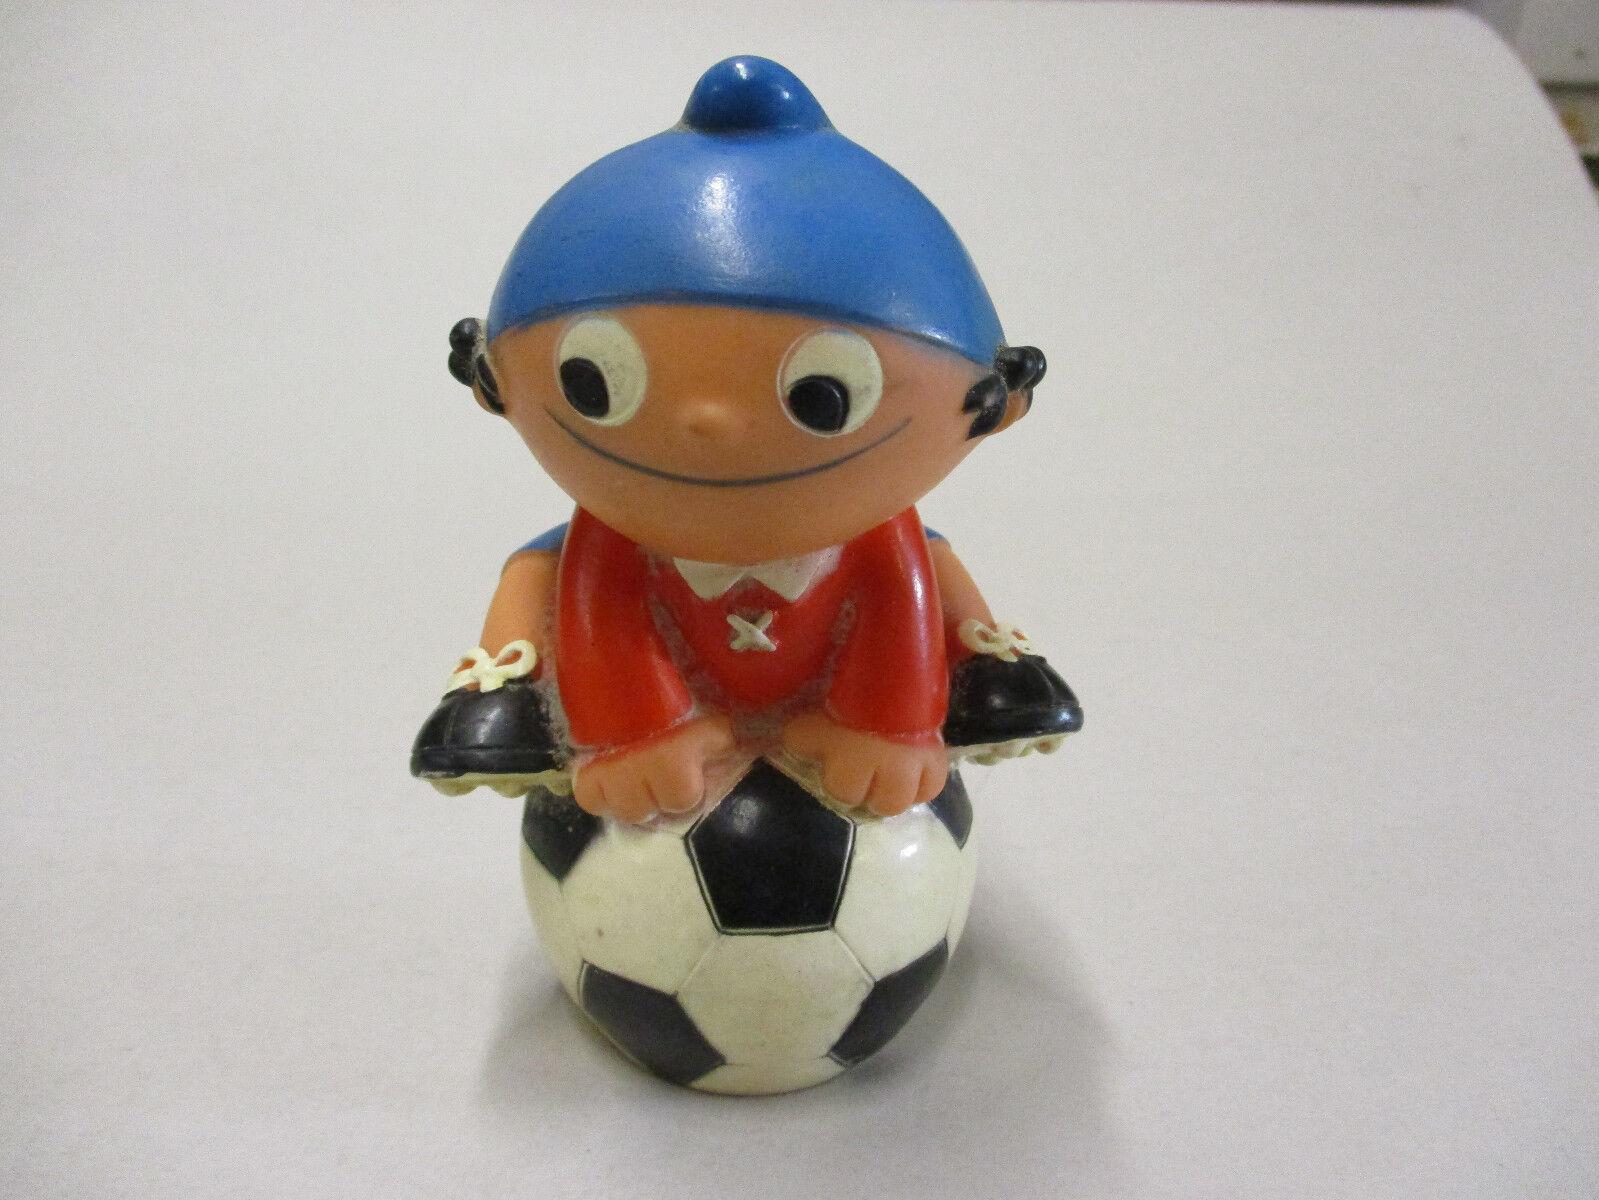 Mainzelmännchen - Goebel - Edi mit Fussball  12cm